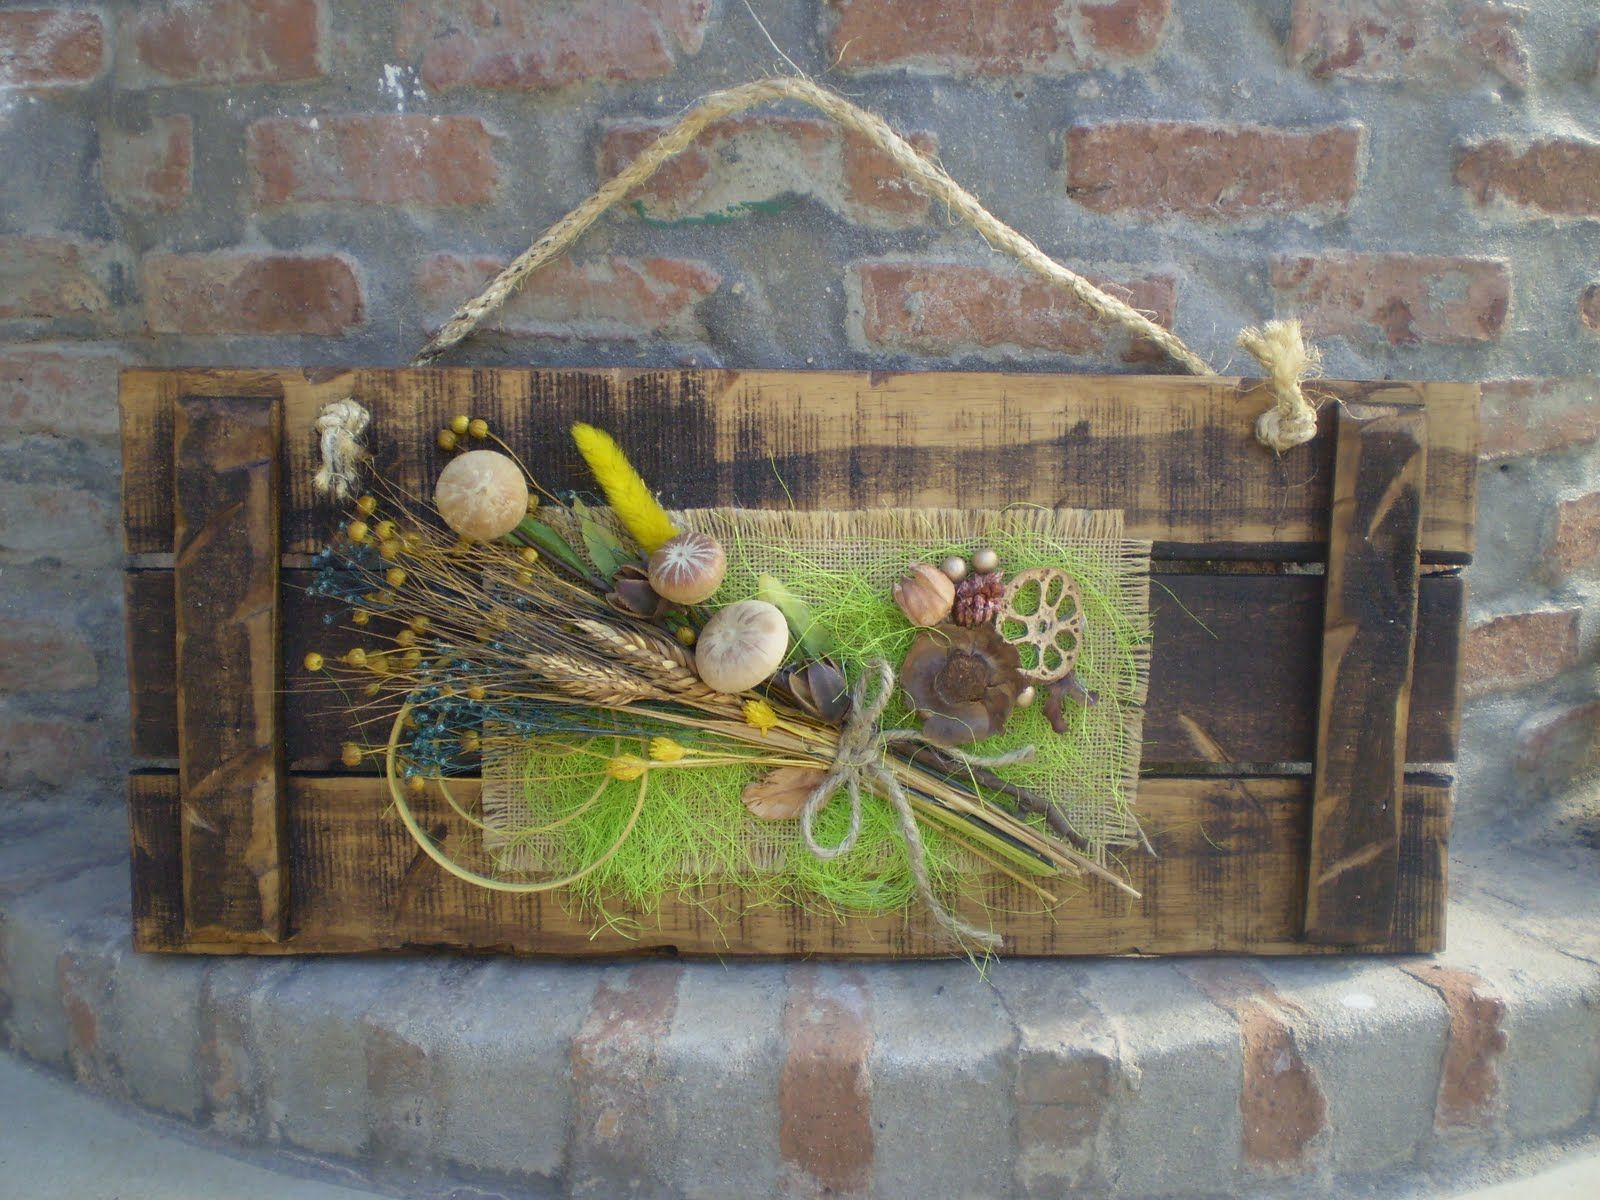 Cuadros rusticos con tela de saco y madera buscar con - Tela de saco ...